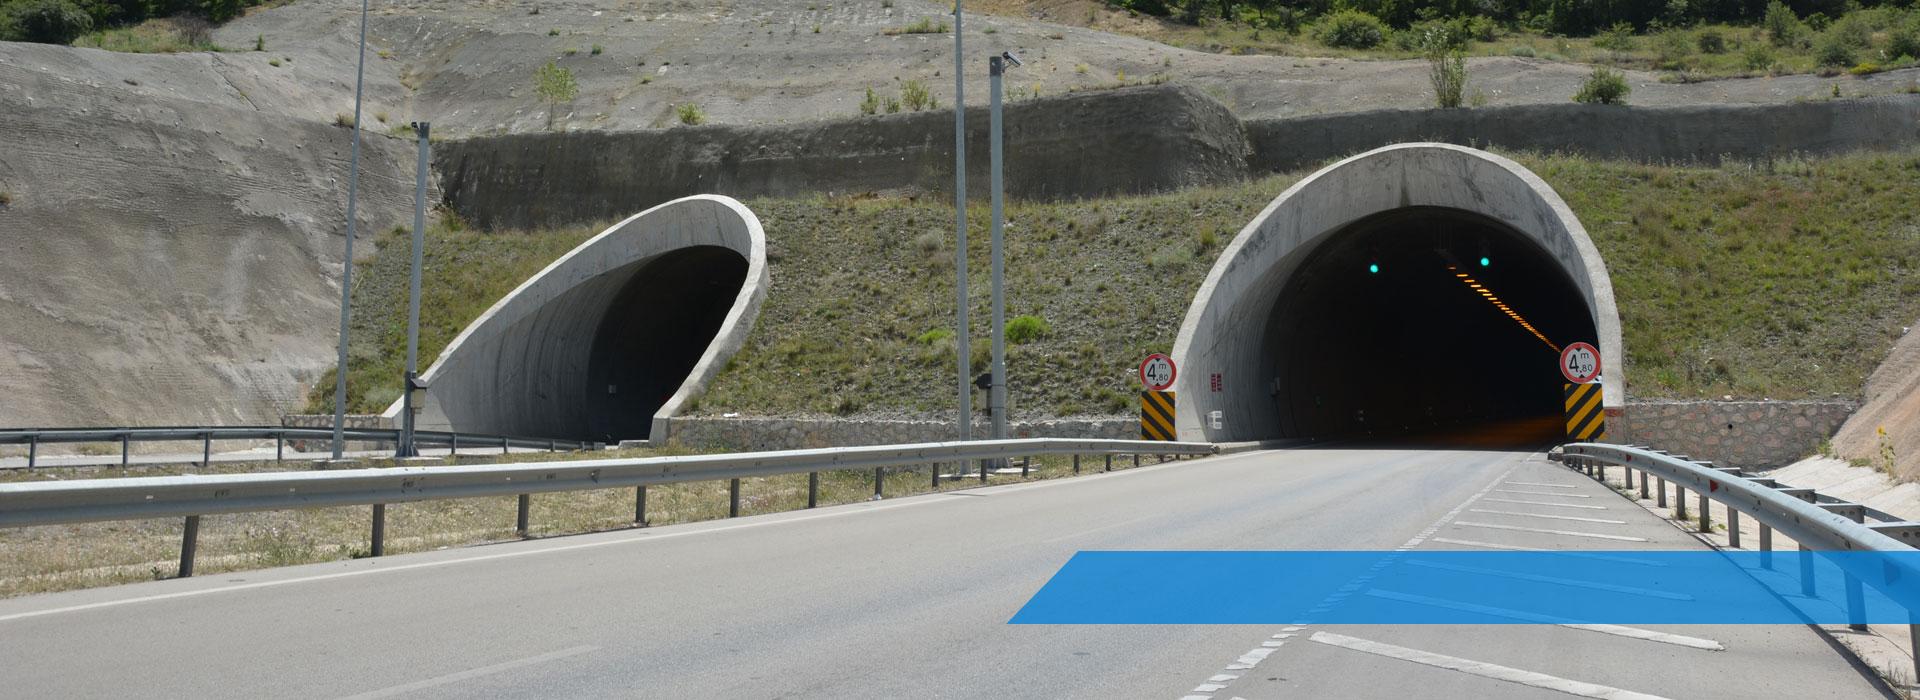 Kavak Merzifon K2 Yol Yapım Projesi